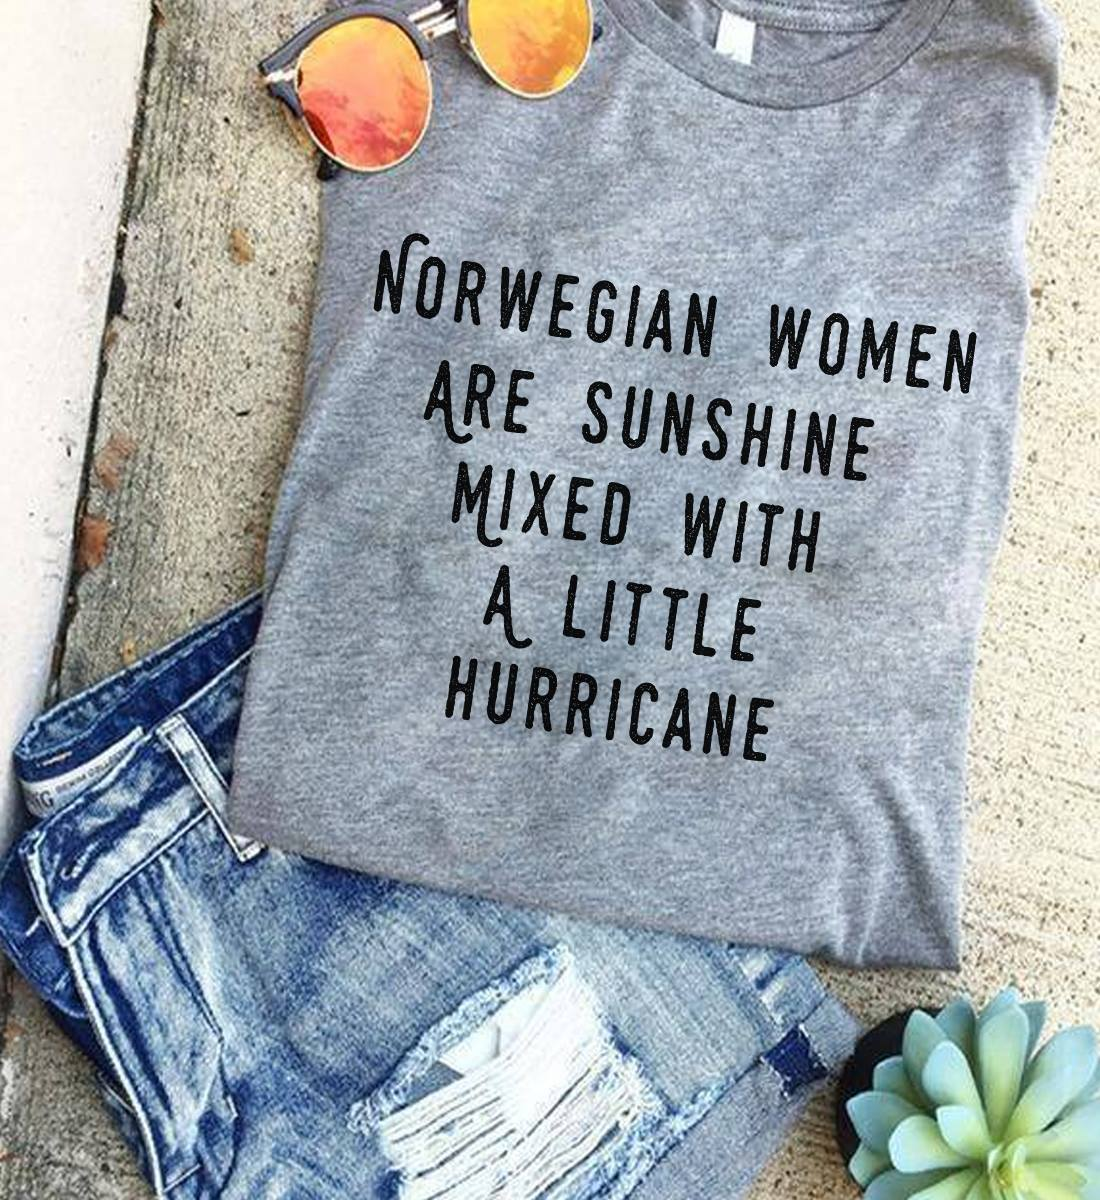 Funny Women Norwegian Shirt Sunshine Mixed With Hurricane